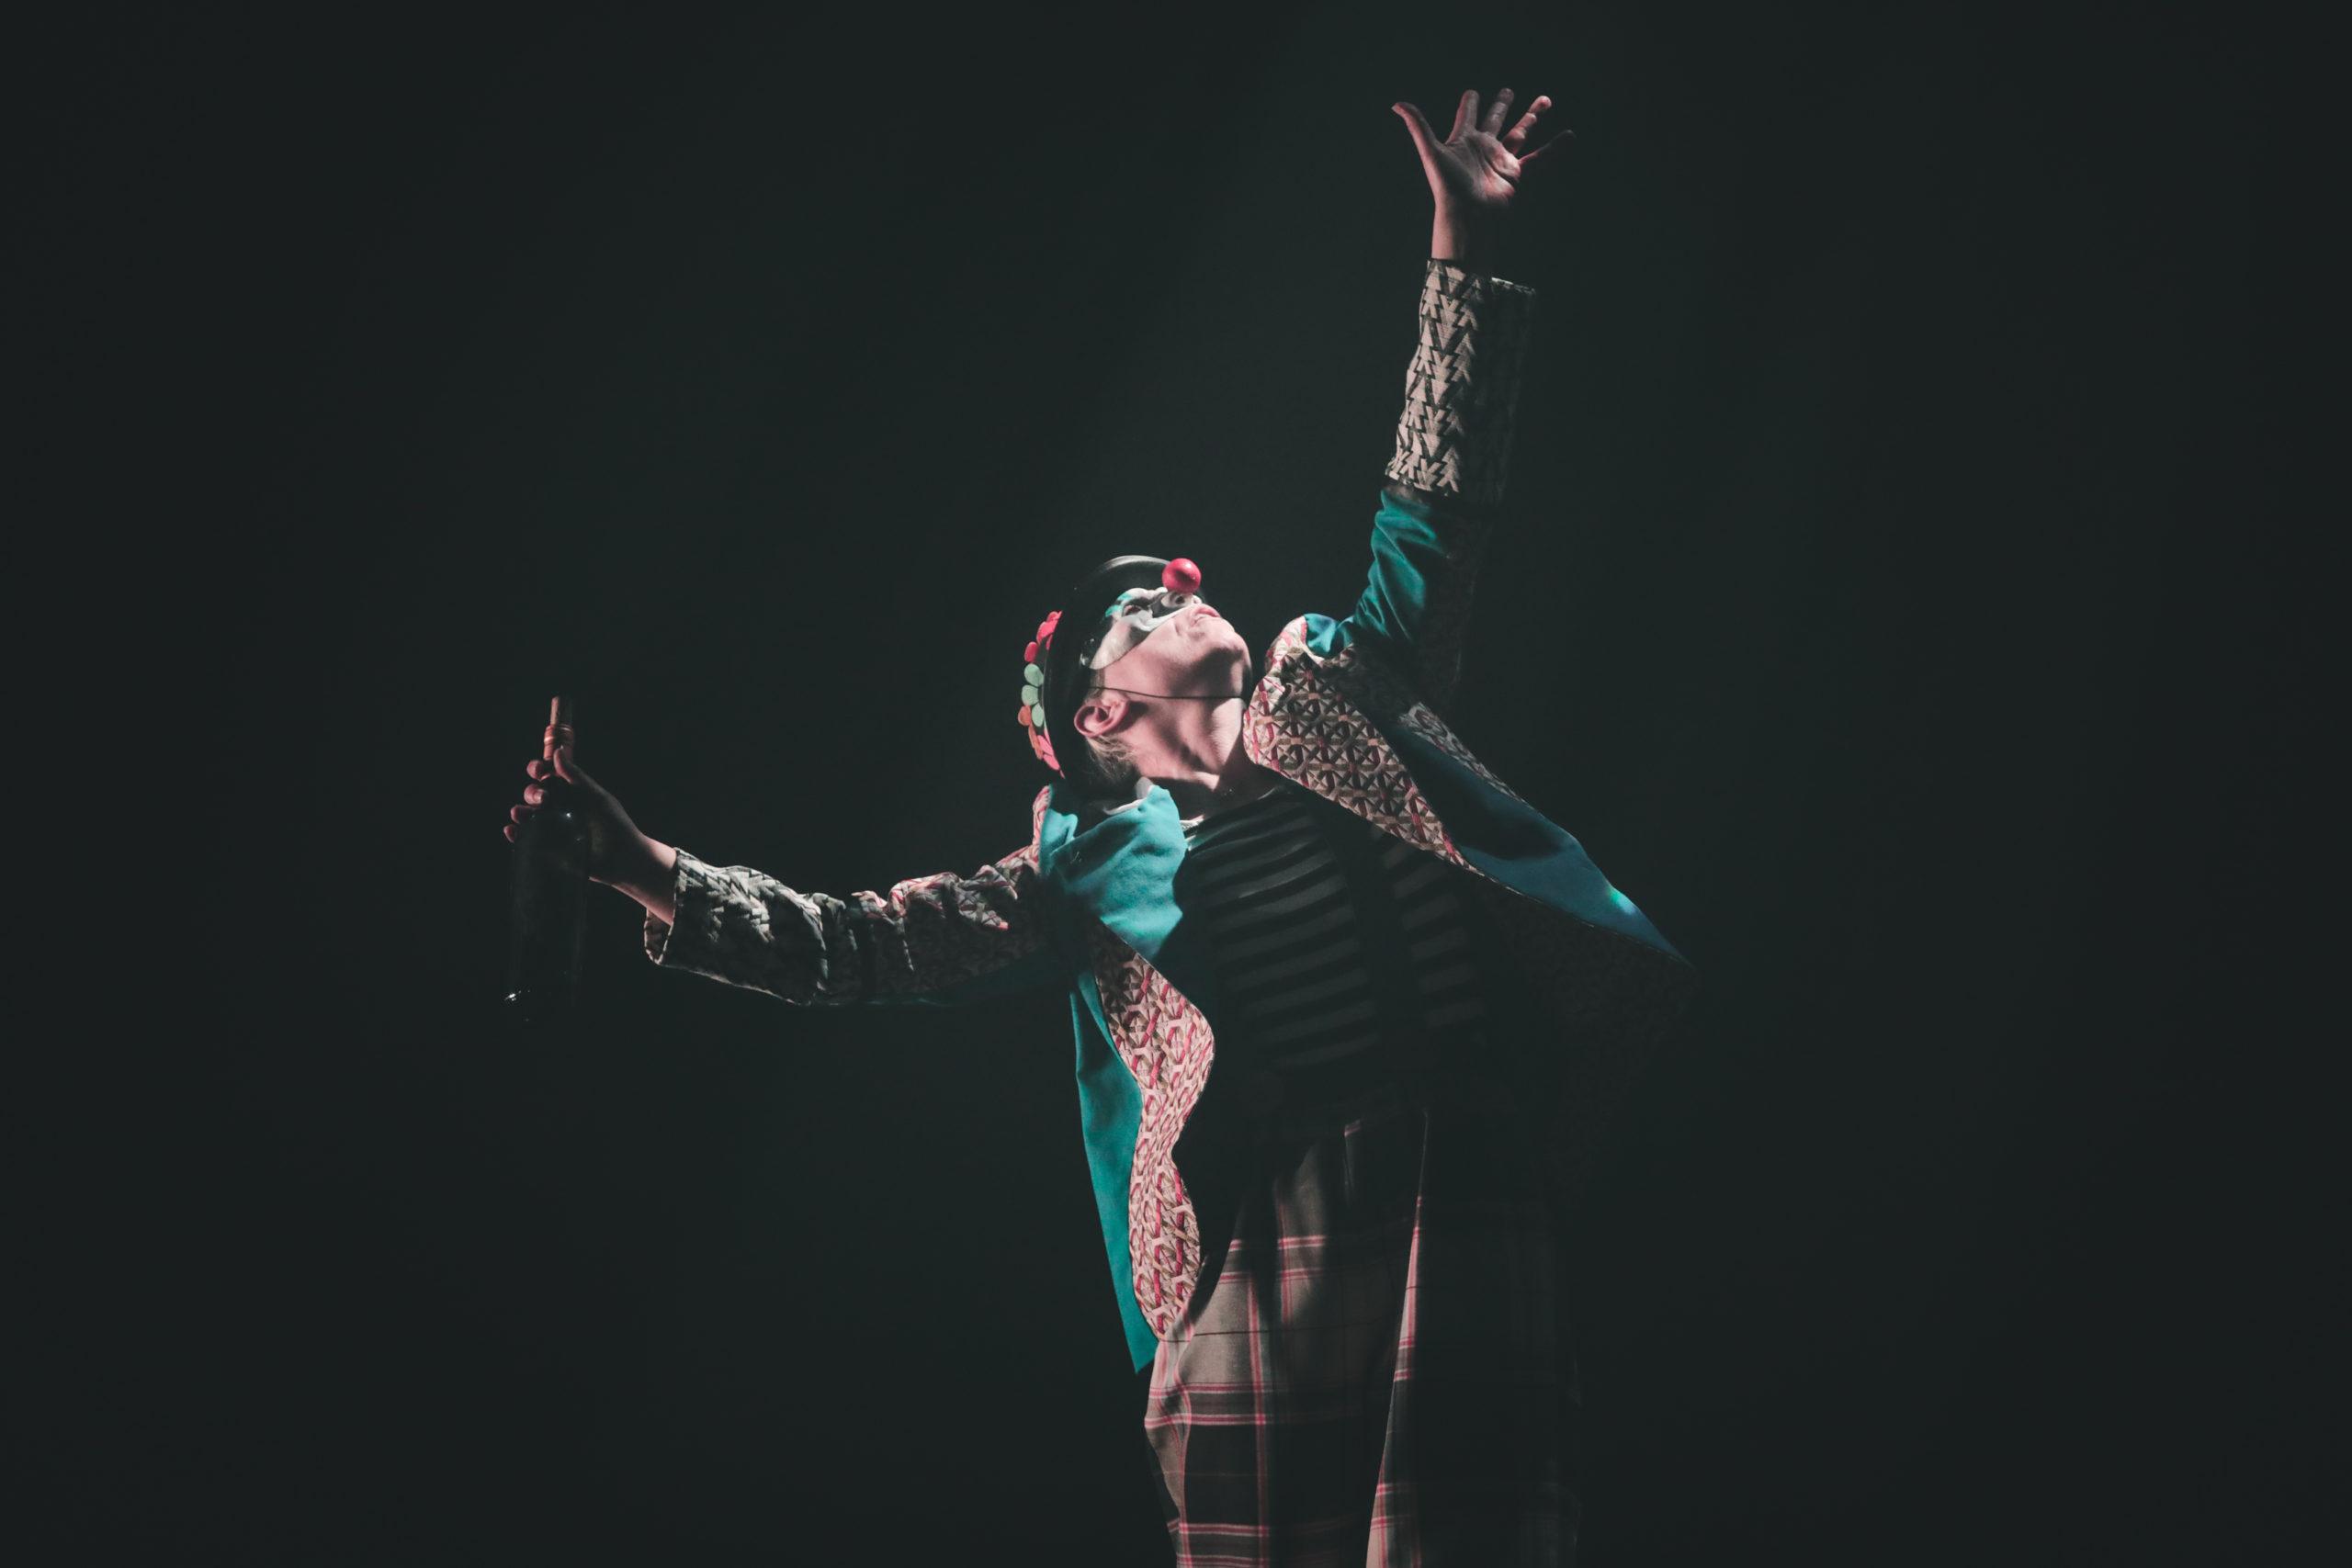 danseuse en clown bras vers le ciel